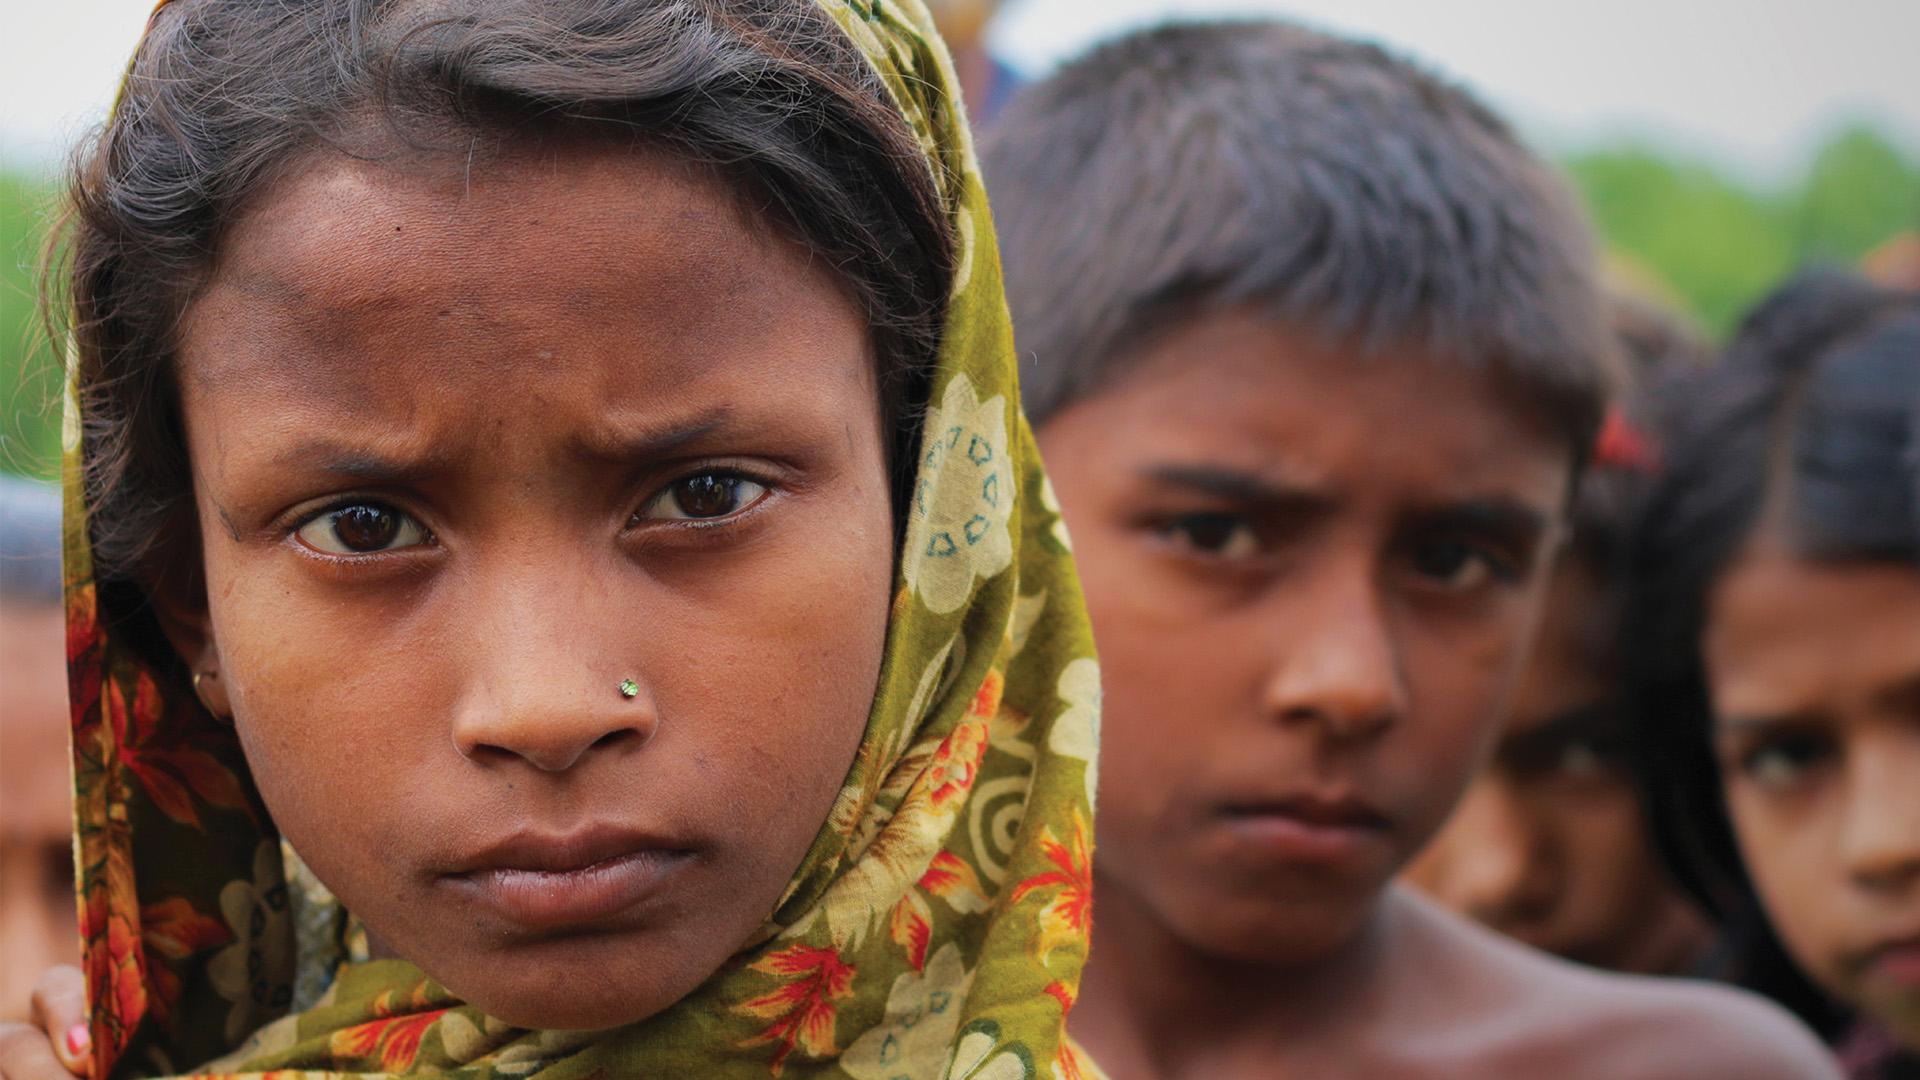 P1 redder verden: Klimaflygtninge